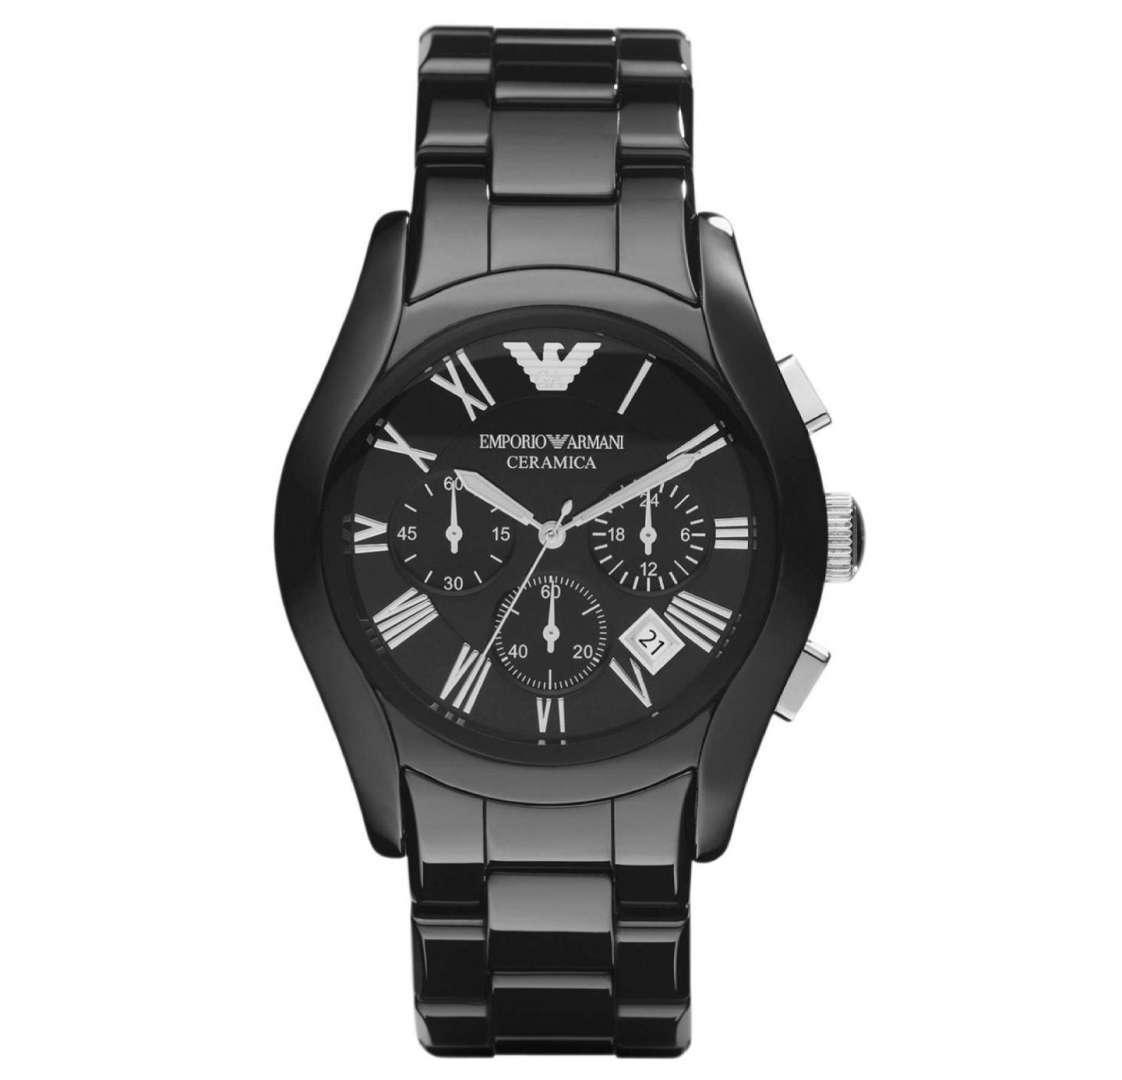 שעון יד אנלוגי לגבר emporio armani ar1400 אמפוריו ארמני